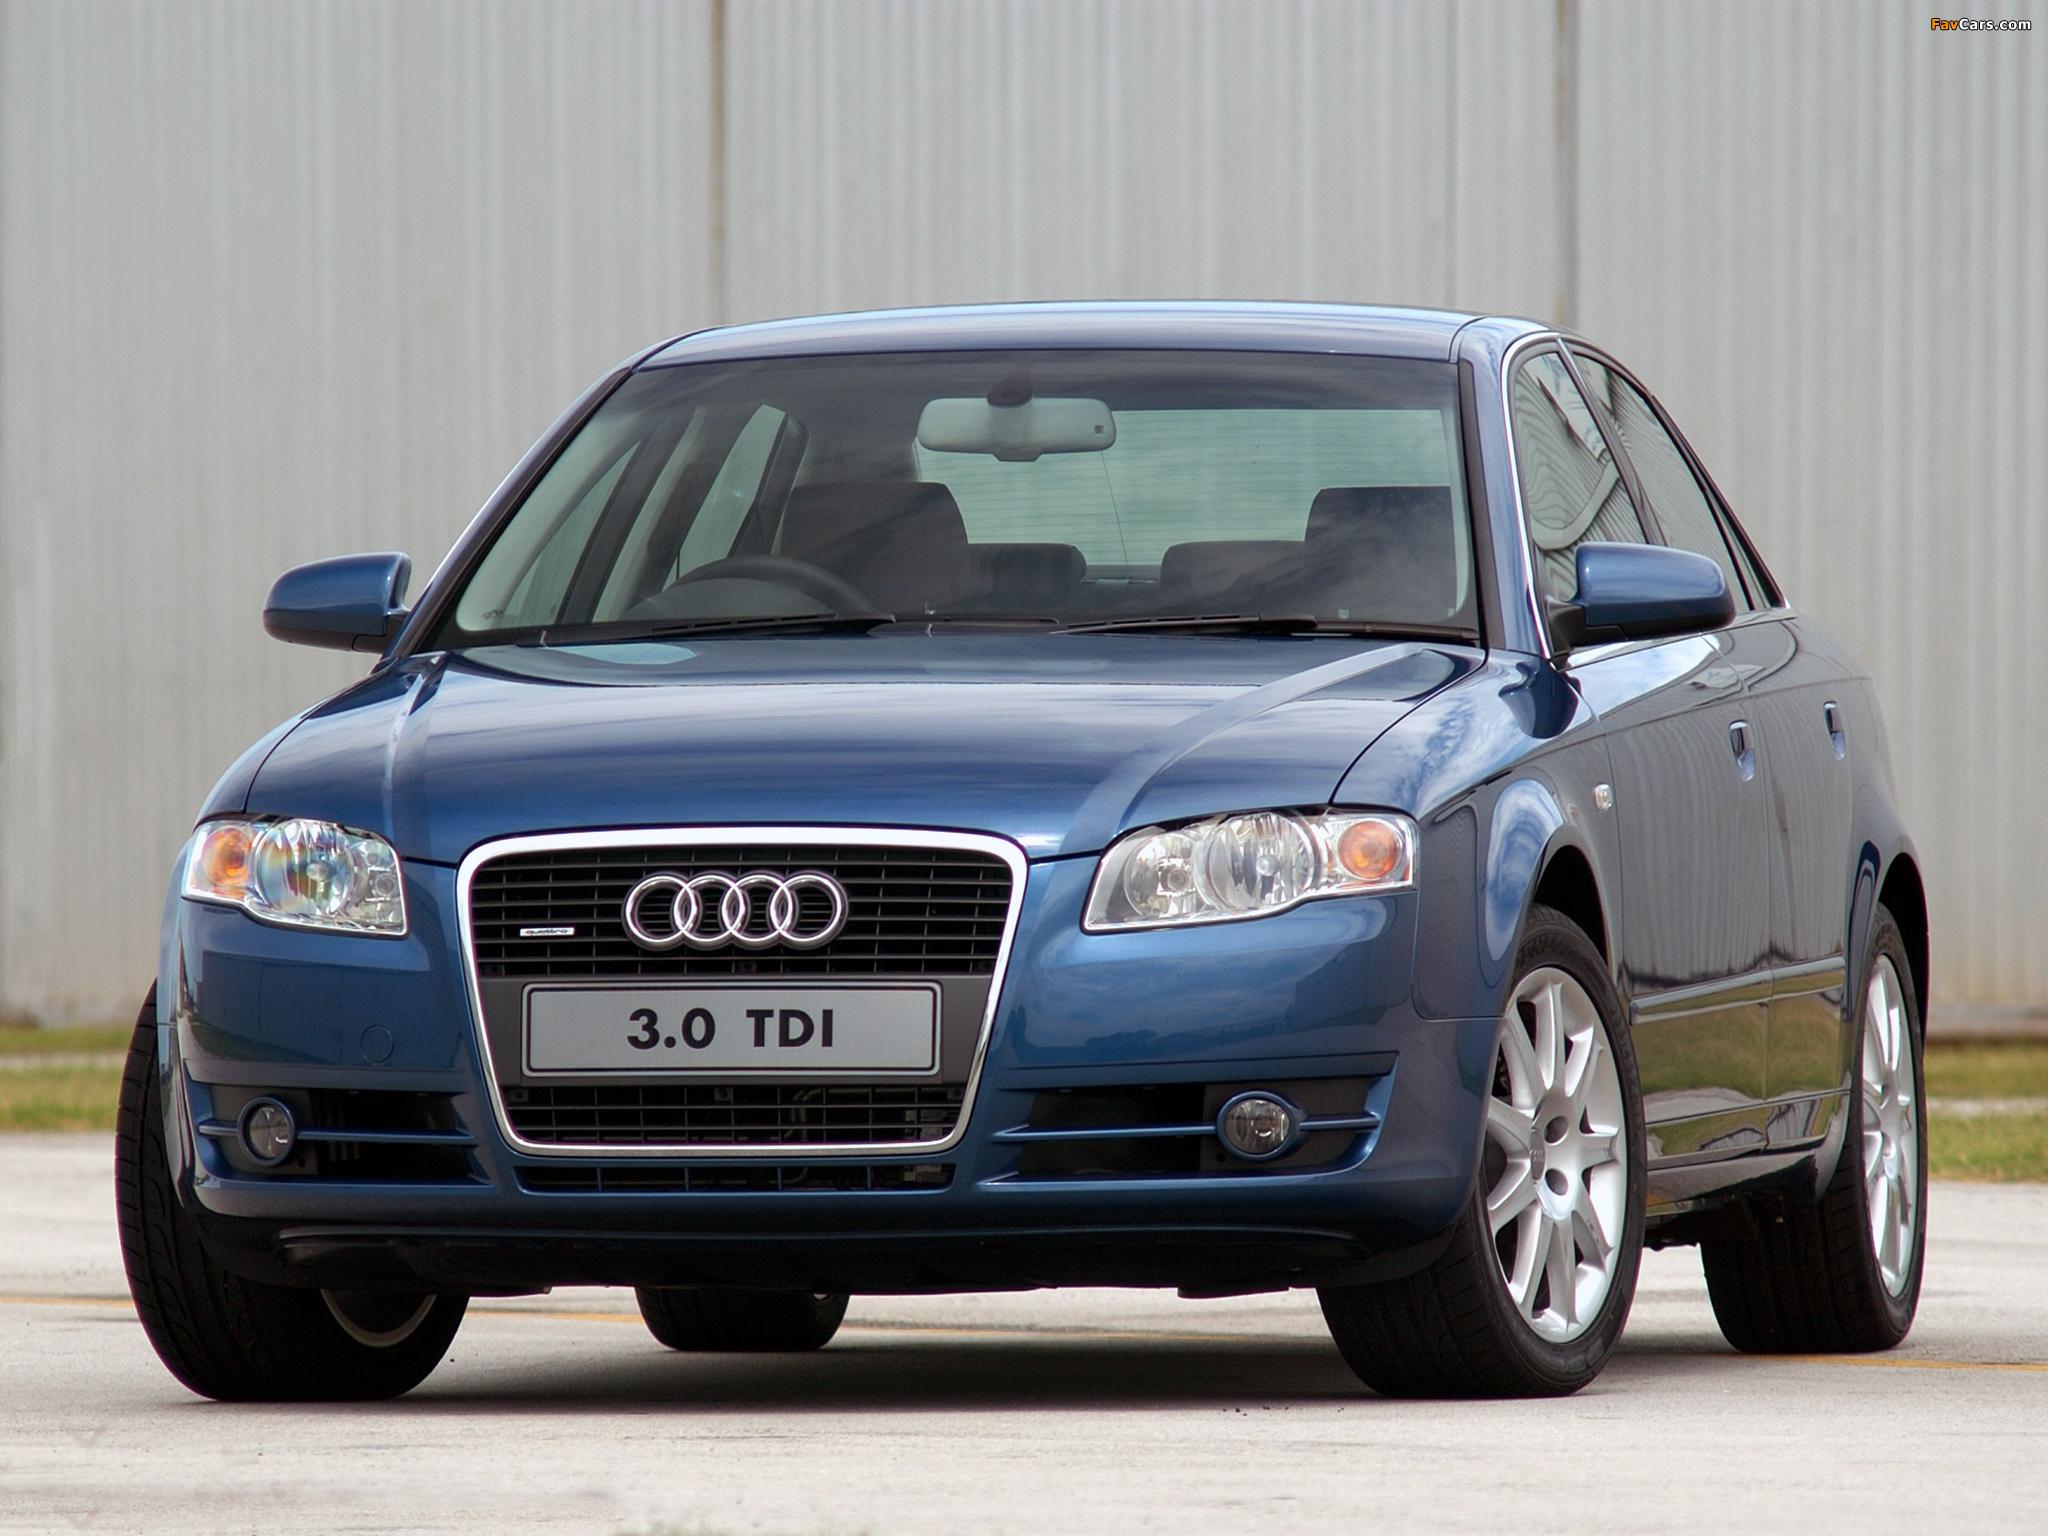 Audi A4 3 0 Tdi Quattro Sedan Za Spec B7 8e 2004 2007